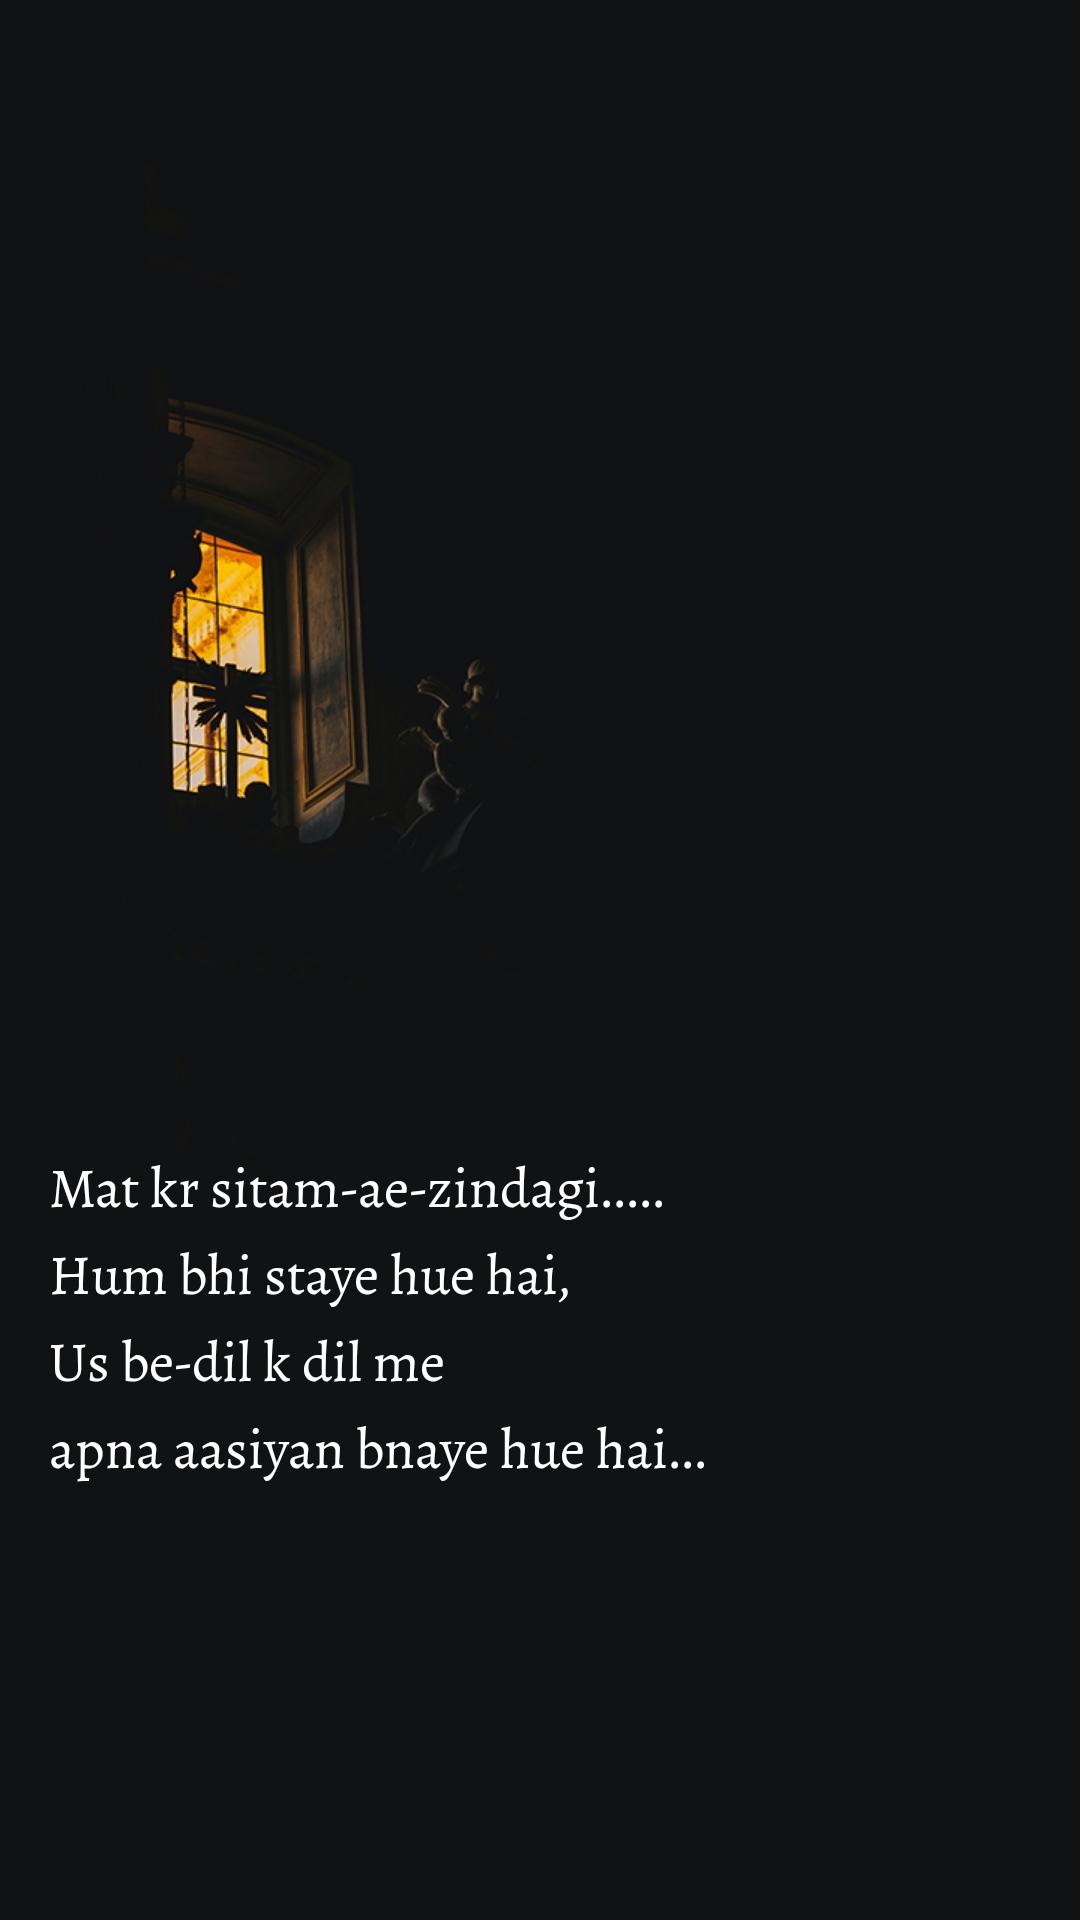 Mat kr sitam-ae-zindagi.....  Hum bhi staye hue hai, Us be-dil k dil me  apna aasiyan bnaye hue hai...